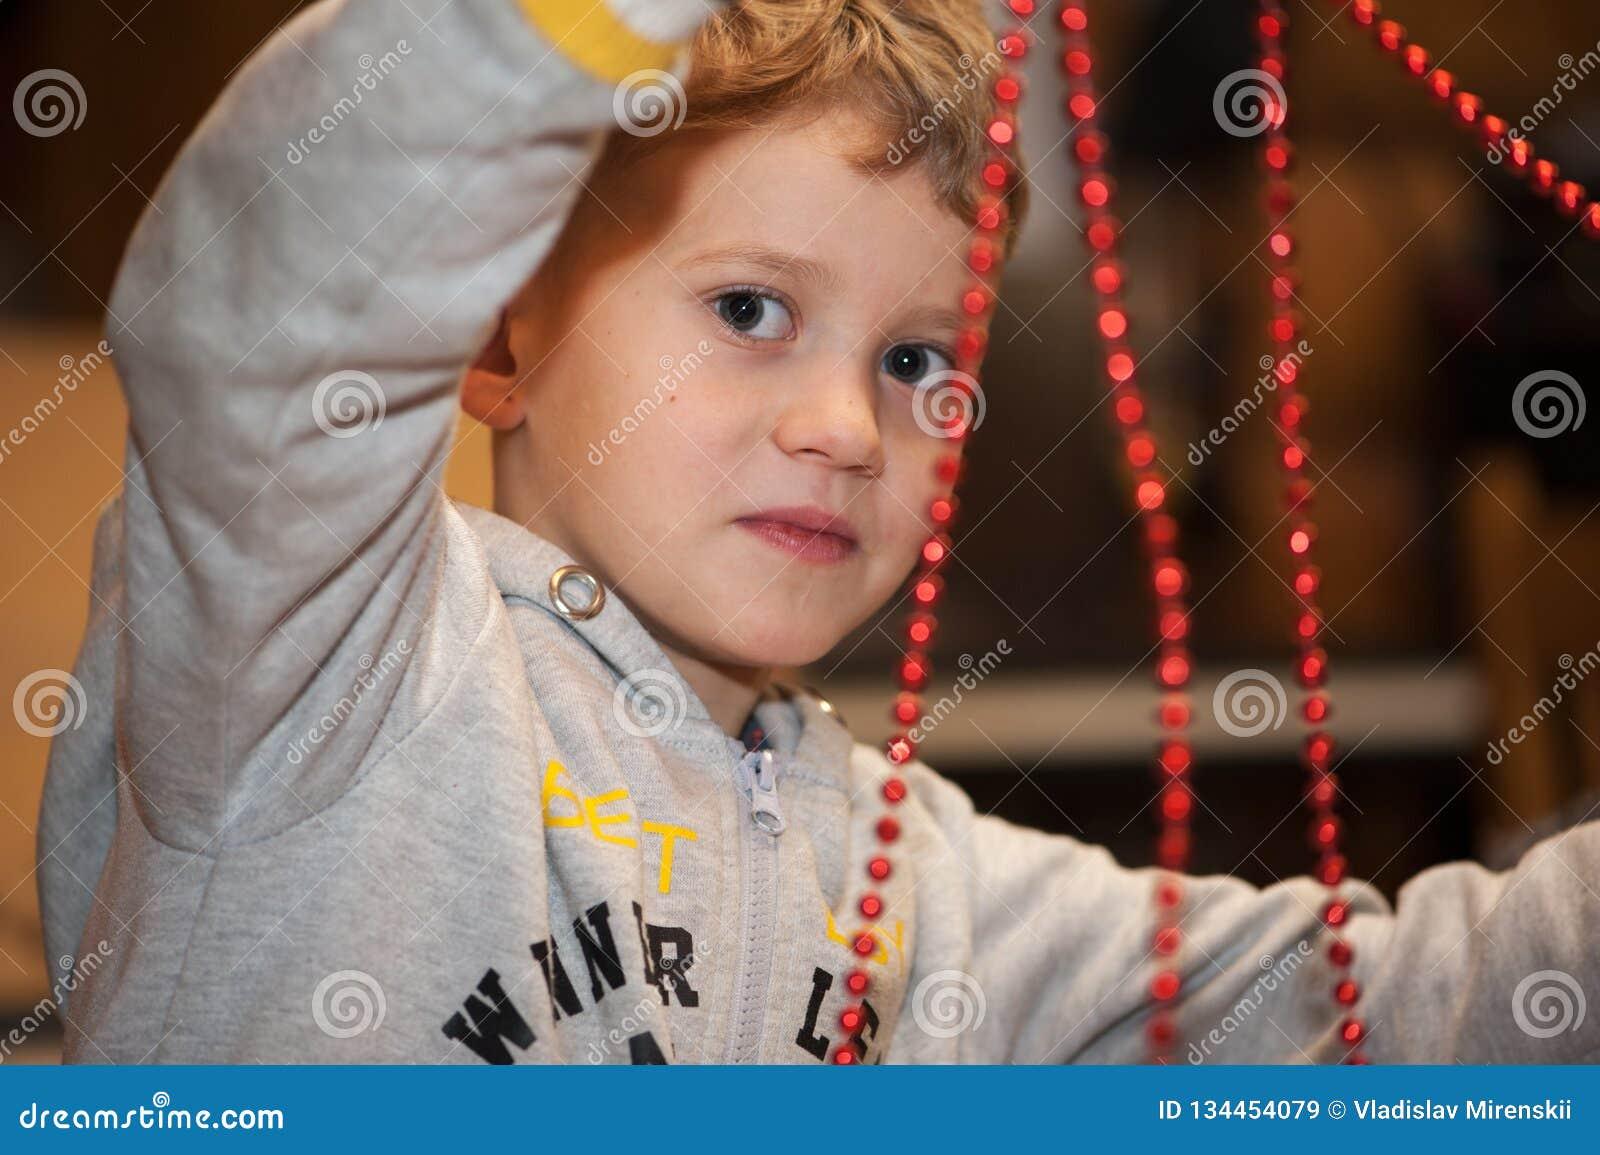 做圣诞装饰的男孩红色小珠